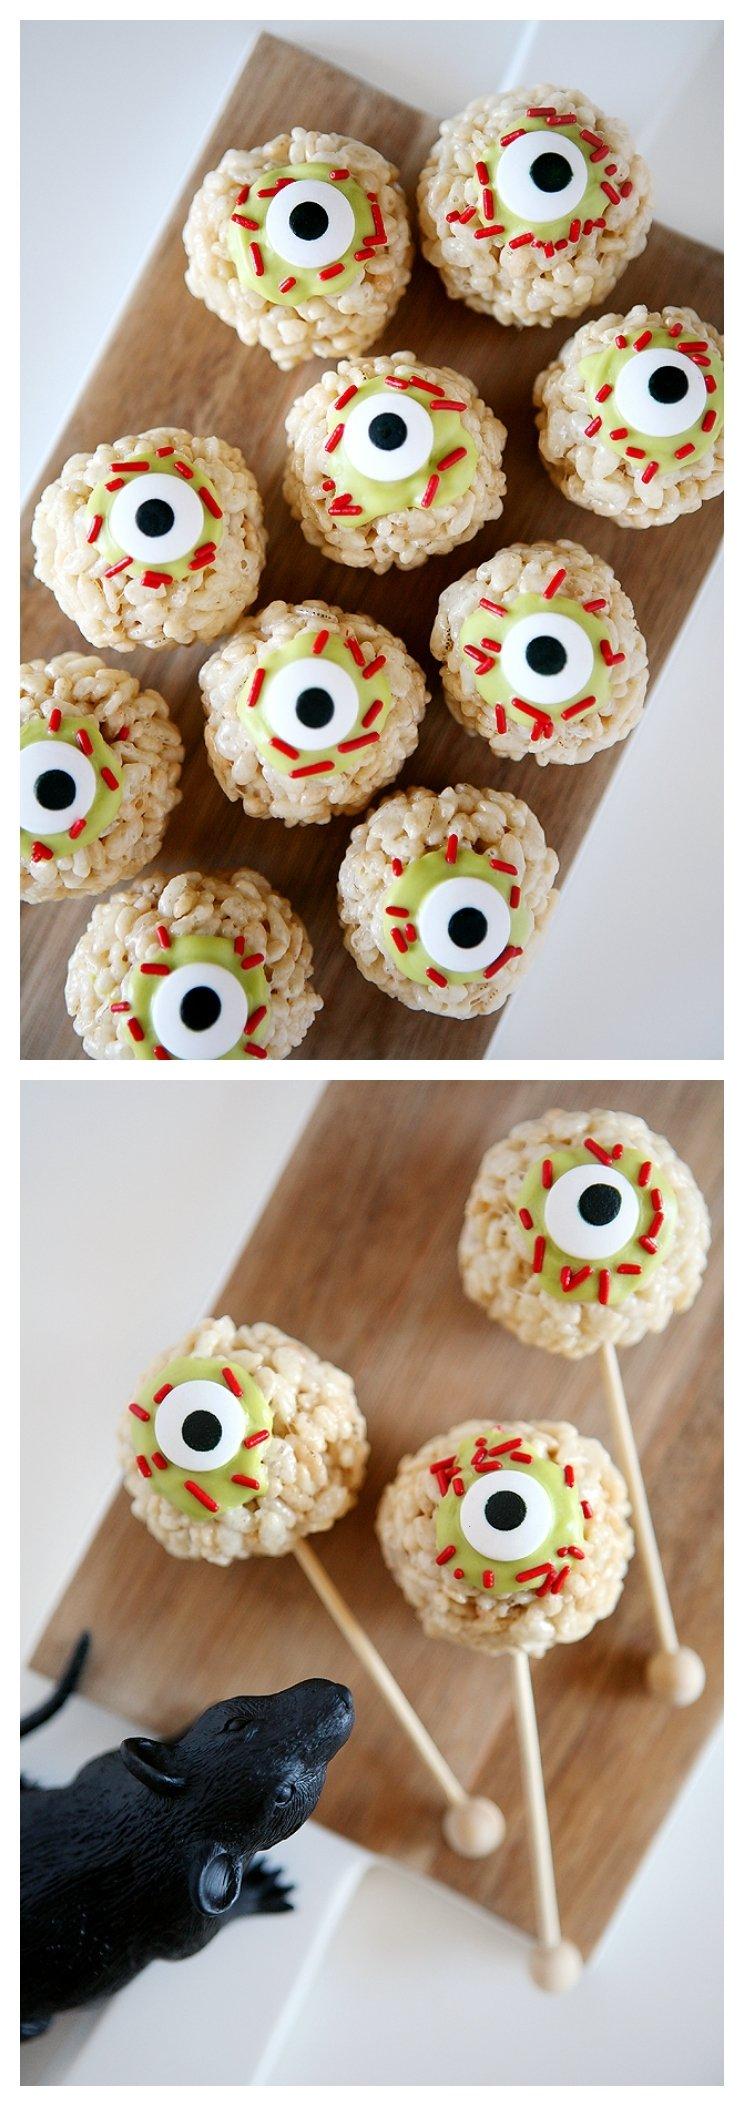 10 Great Halloween Rice Krispie Treat Ideas zombie eyeball rice krispies treats eighteen25 2020